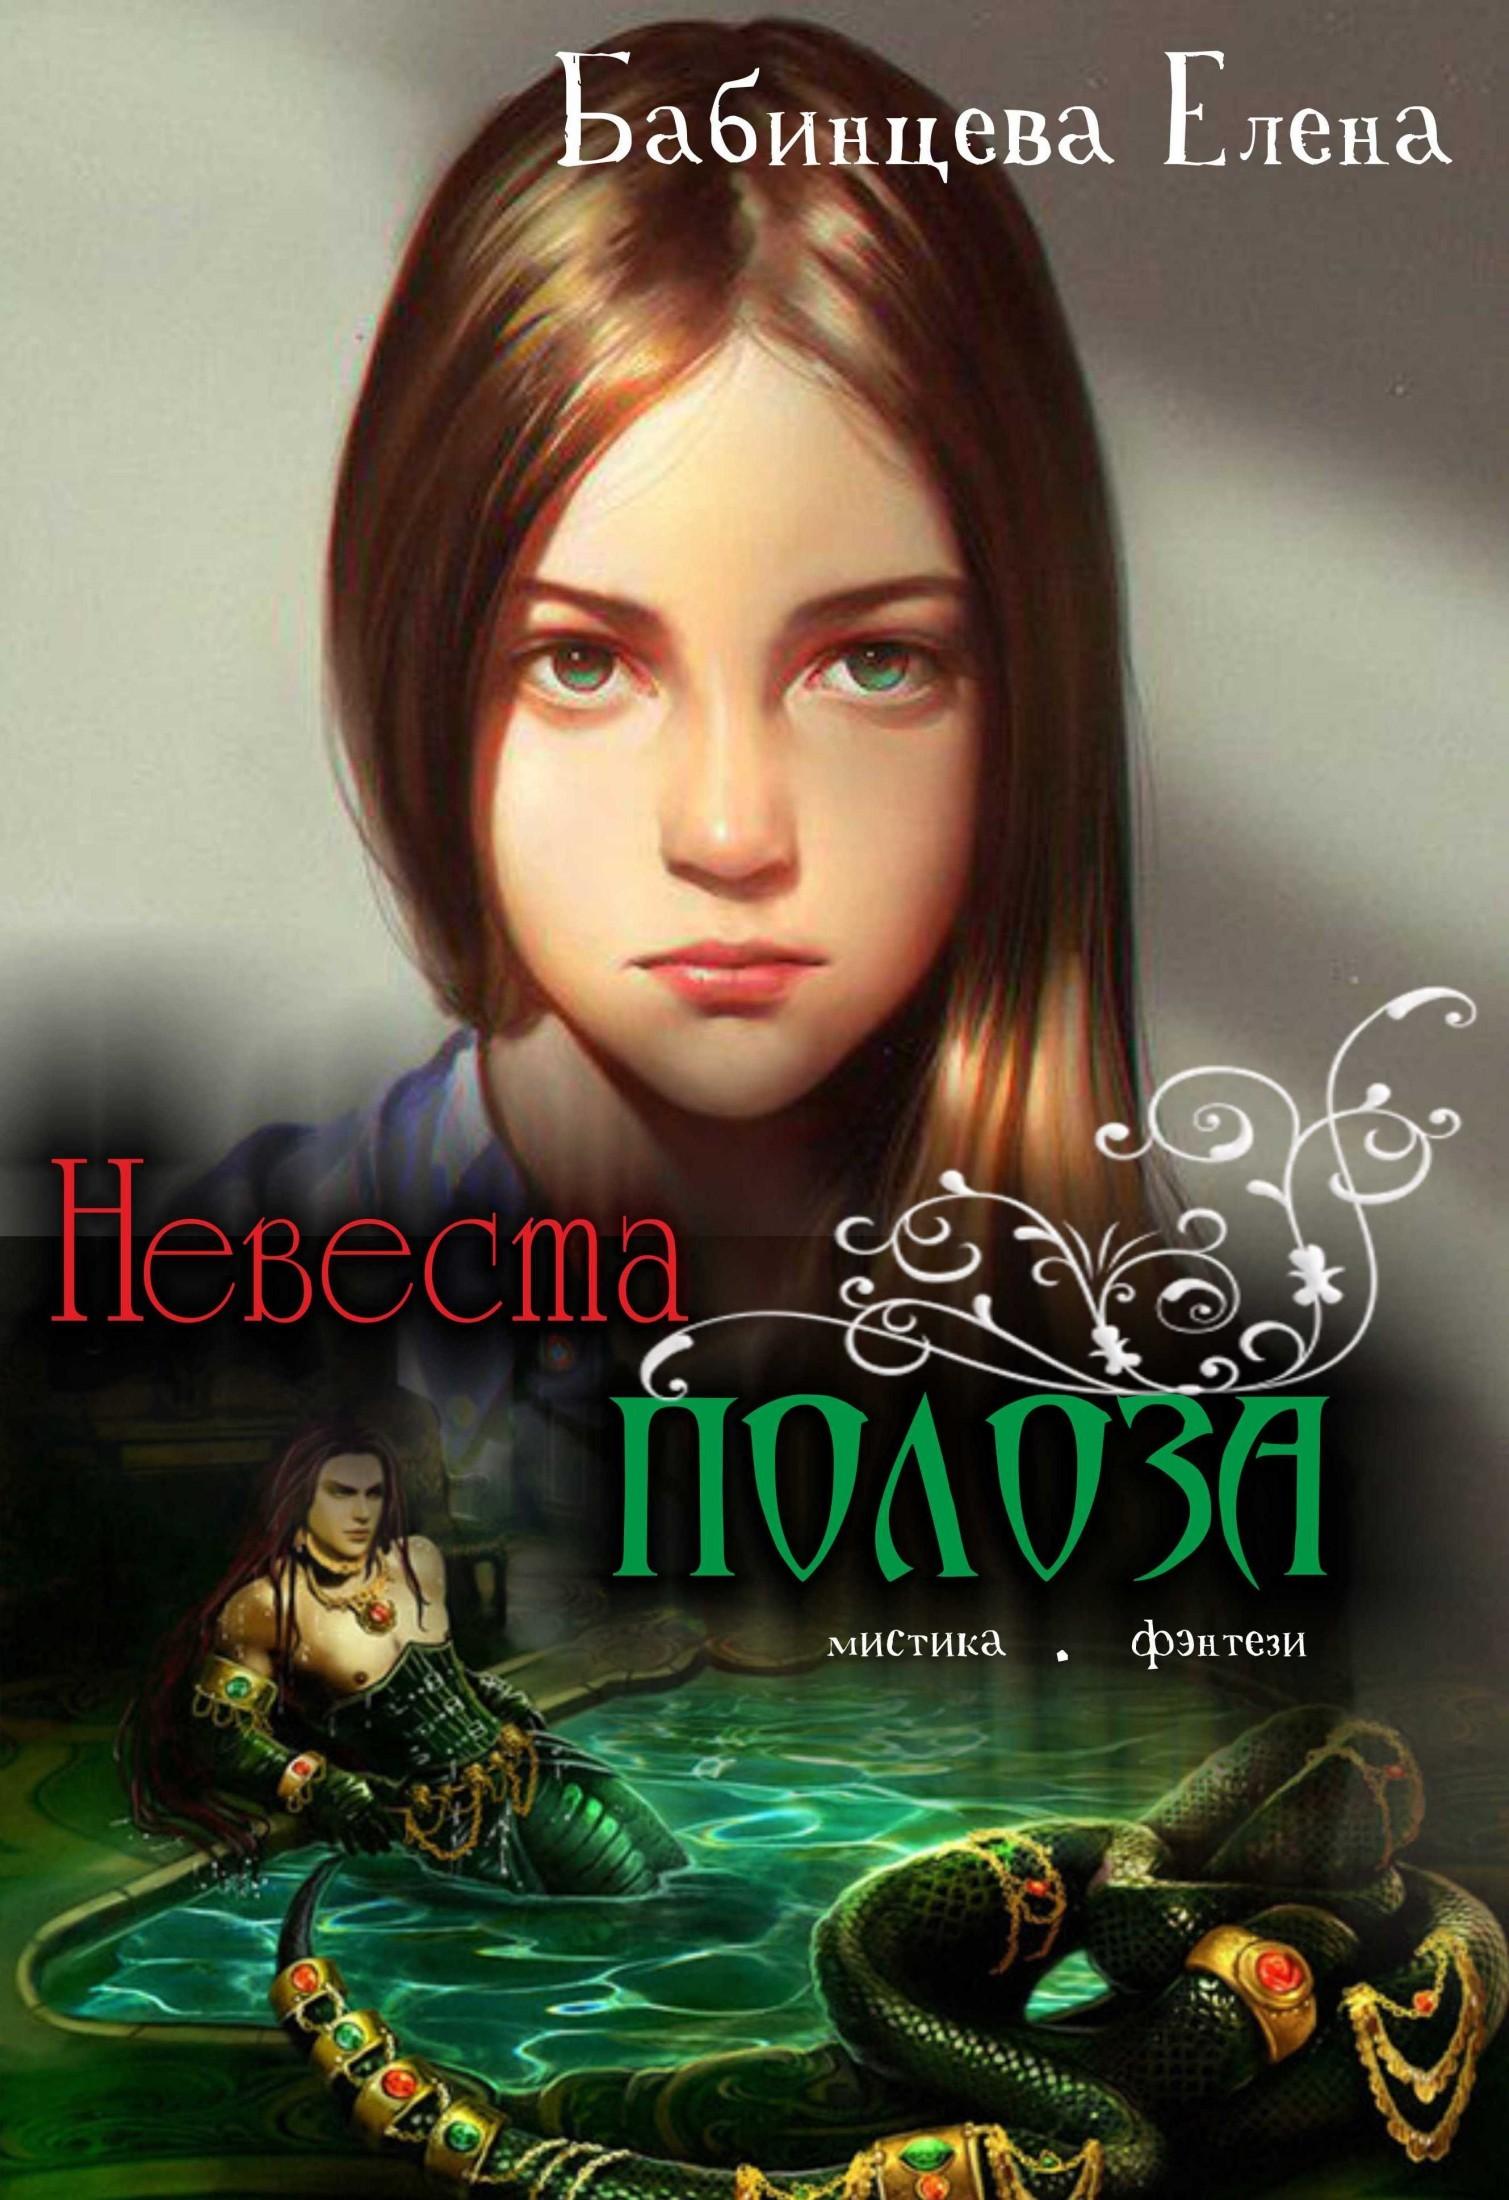 Елена Бабинцева Невеста Полоза старинные русские водевили cdmp3